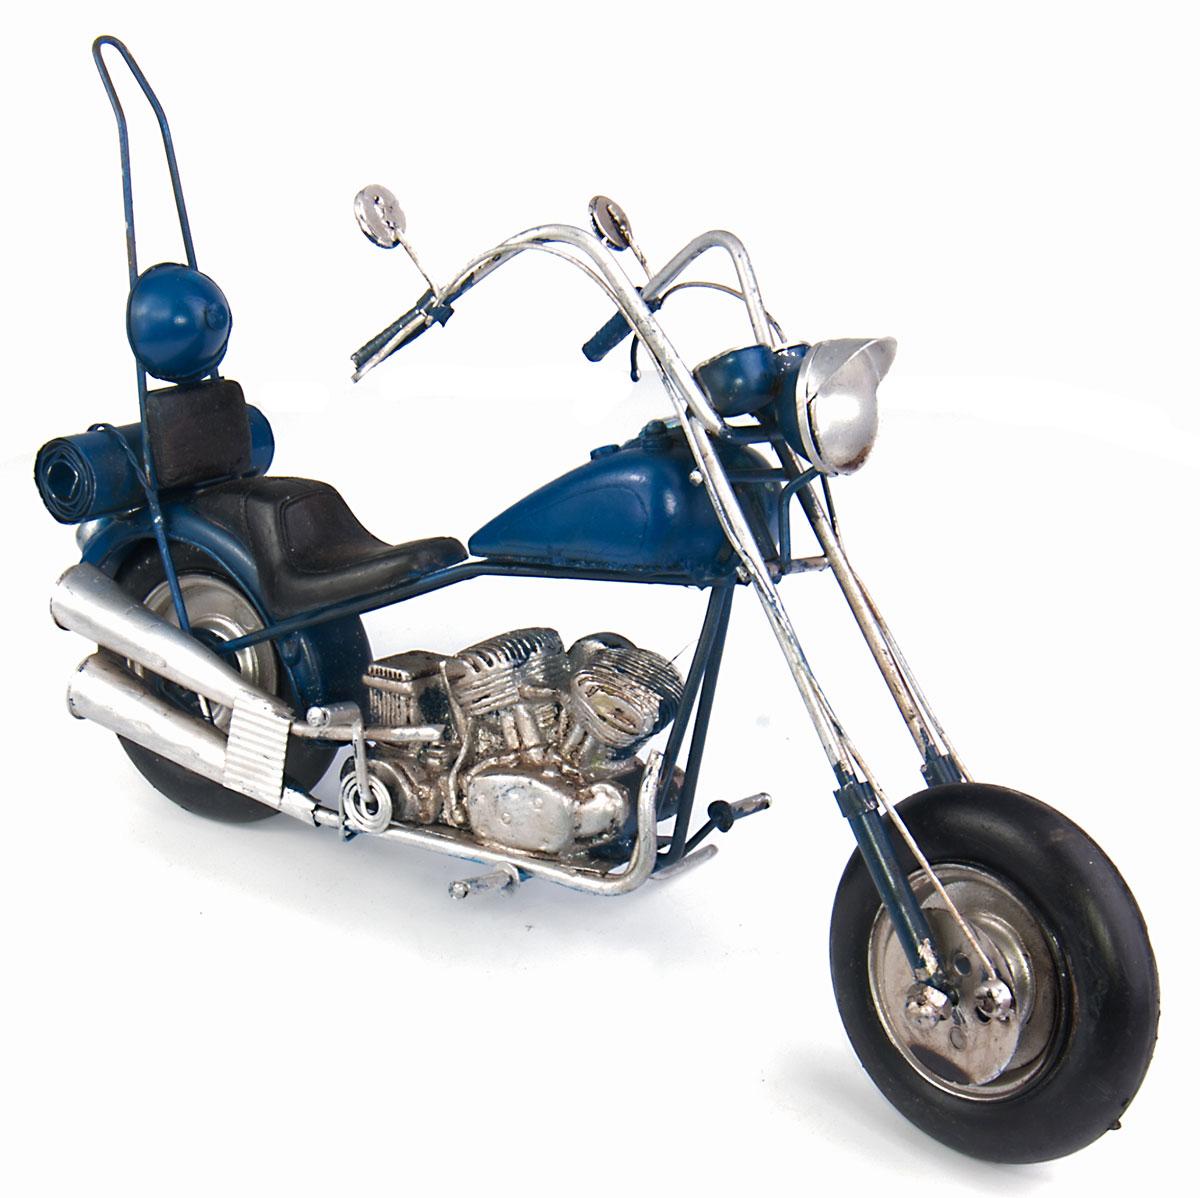 Модель Platinum Мотоцикл. 1510A-78381510A-7838Модель Platinum Мотоцикл, выполненная из металла, станет оригинальным украшением интерьера. Вы можете поставить ретро-модель в любом месте, где она будет удачно смотреться. Качество исполнения, точные детали и оригинальный дизайн выделяют эту модель среди ряда подобных. Модель займет достойное место в вашей коллекции, а также приятно удивит получателя в качестве стильного сувенира.